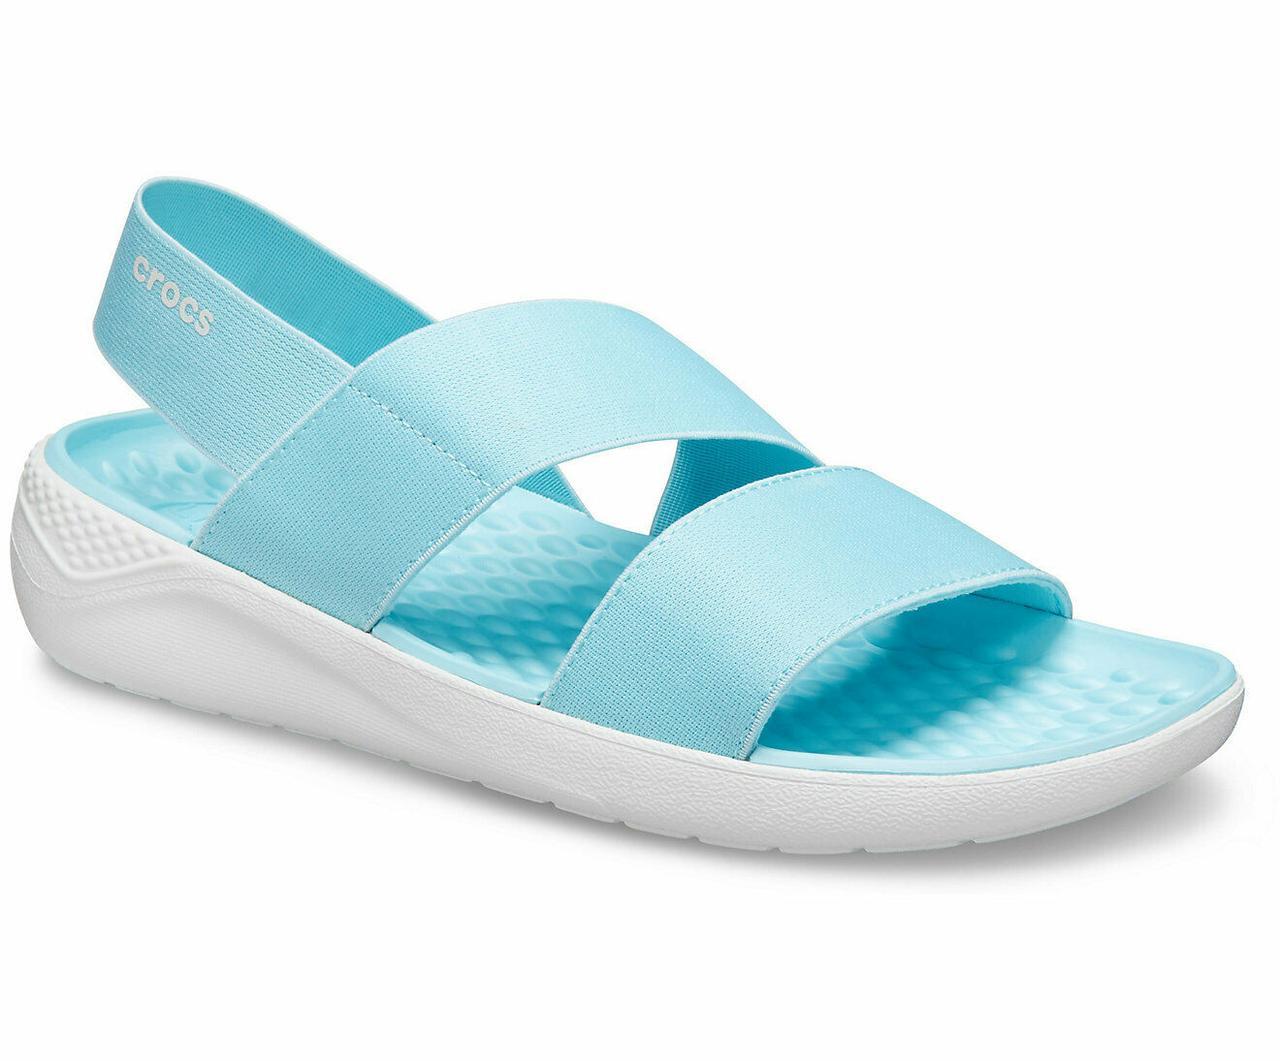 Босоножки женские Кроксы ЛайтРайд Стретч оригинал / Crocs Women's LiteRide Stretch Sandal (206081), Голубые